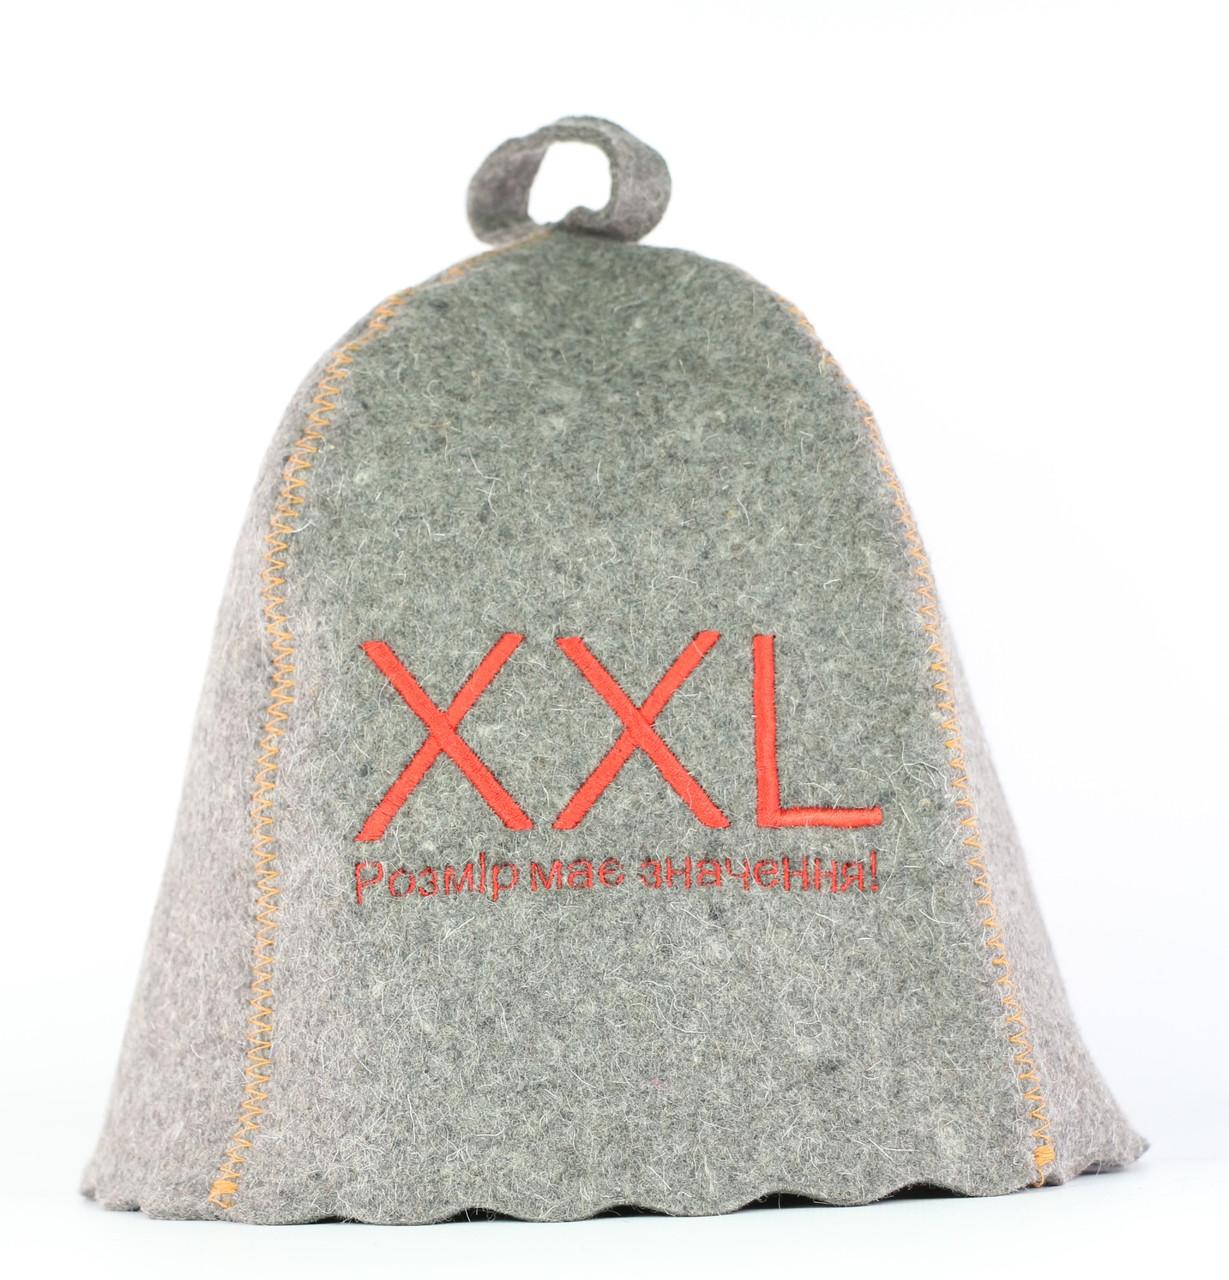 """Шапка для сауны с вышивкой """"XXL Розмір має значення!"""", серый войлок, Sauna Pro"""